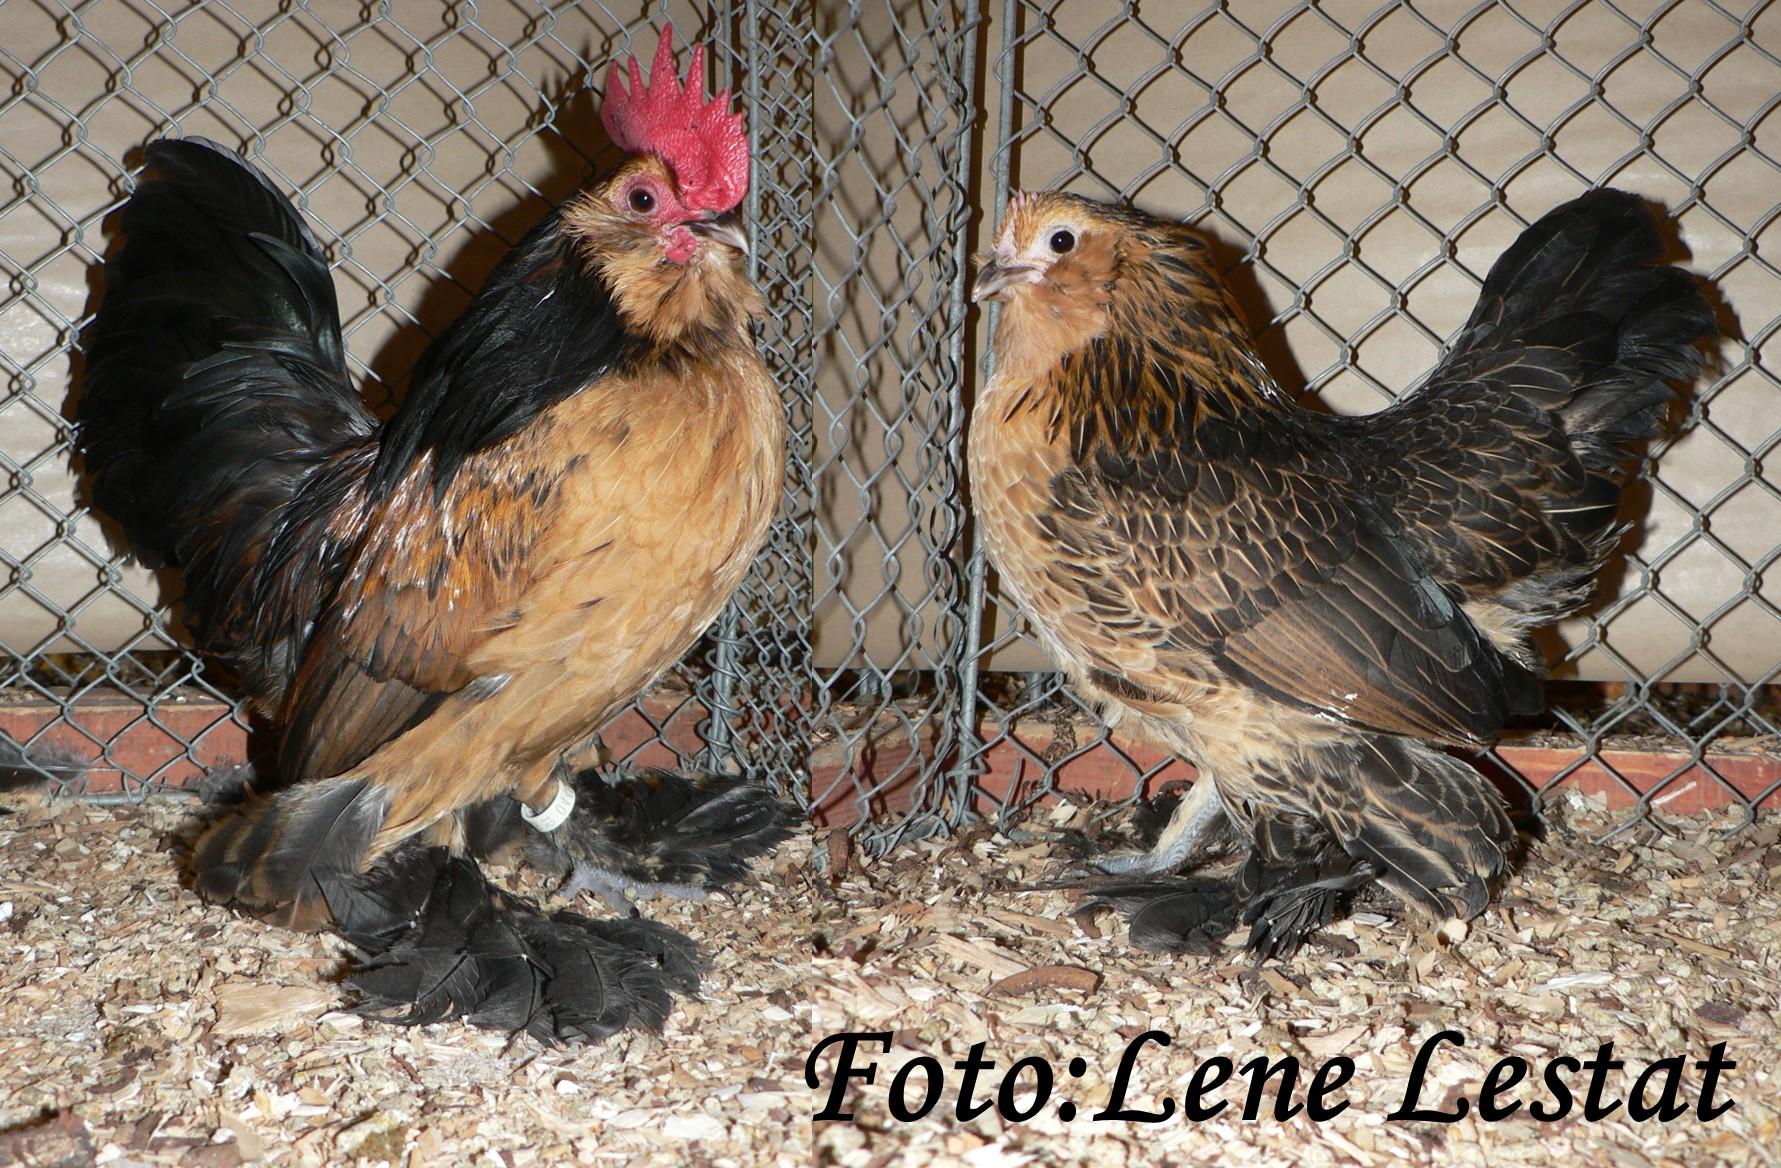 1,1 ukkelse skæghøns – guld sort vagtelfarvet – nyopdræt LU 2015